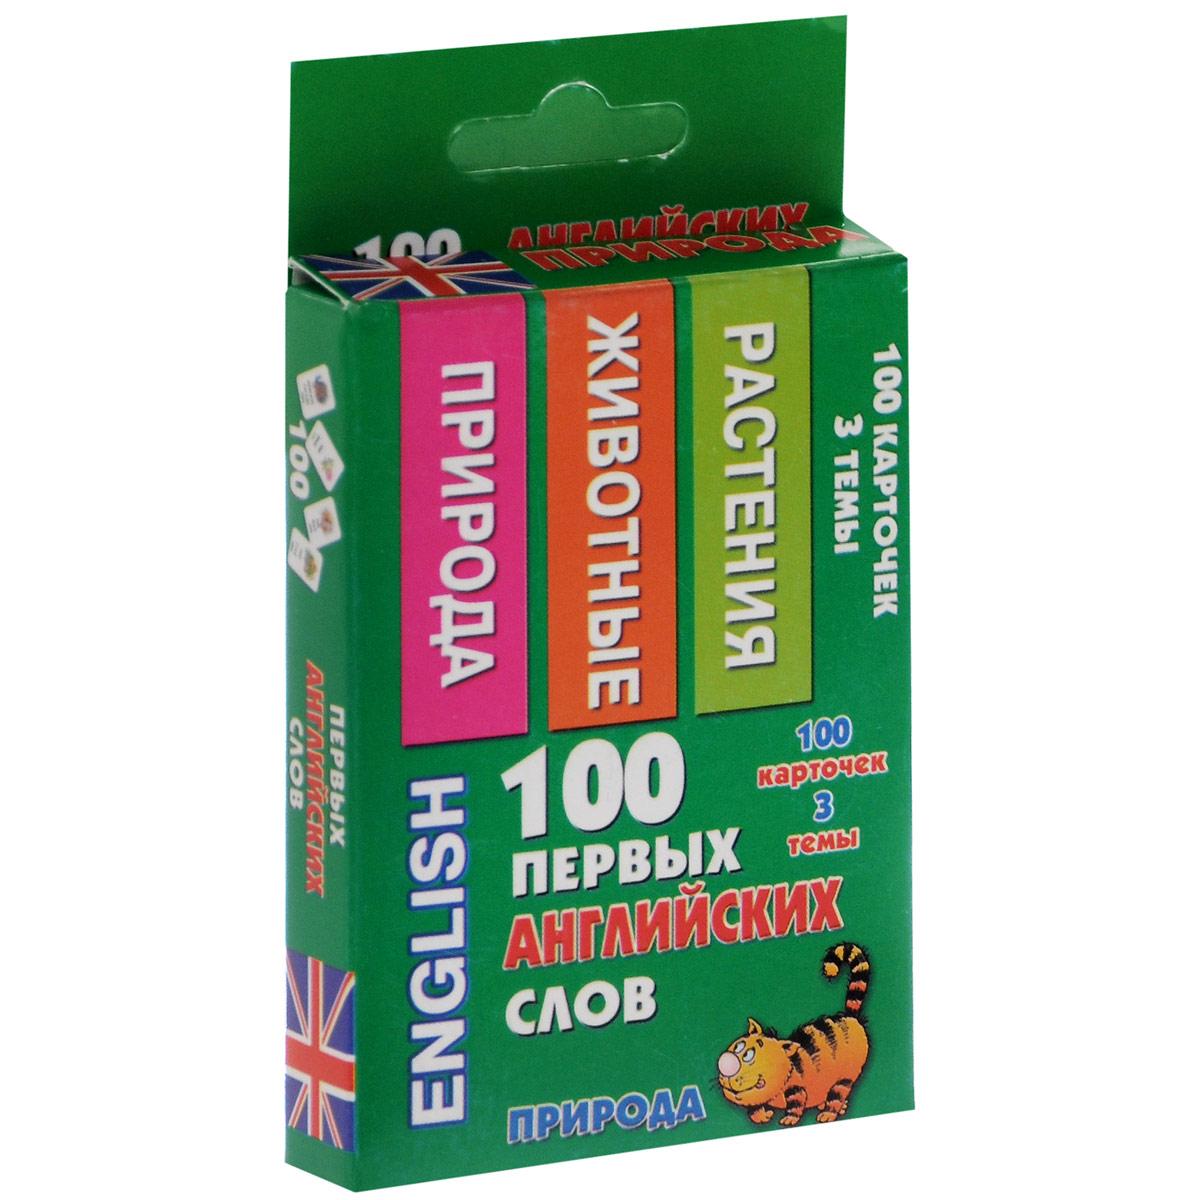 100 первых английских слов. Природа (набор из 100 карточек) наборы карточек шпаргалки для мамы набор карточек детские розыгрыши